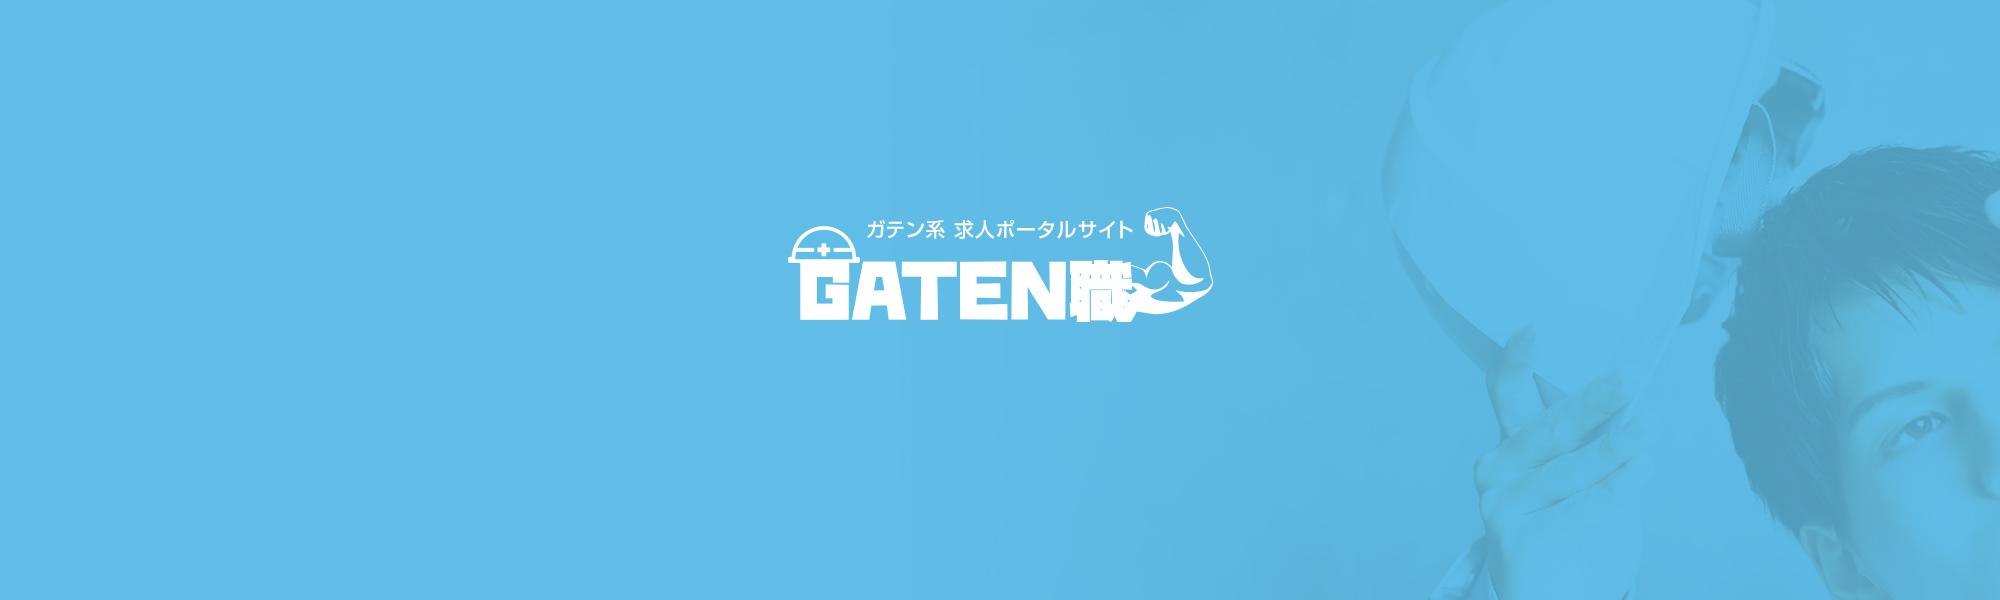 GATEN職